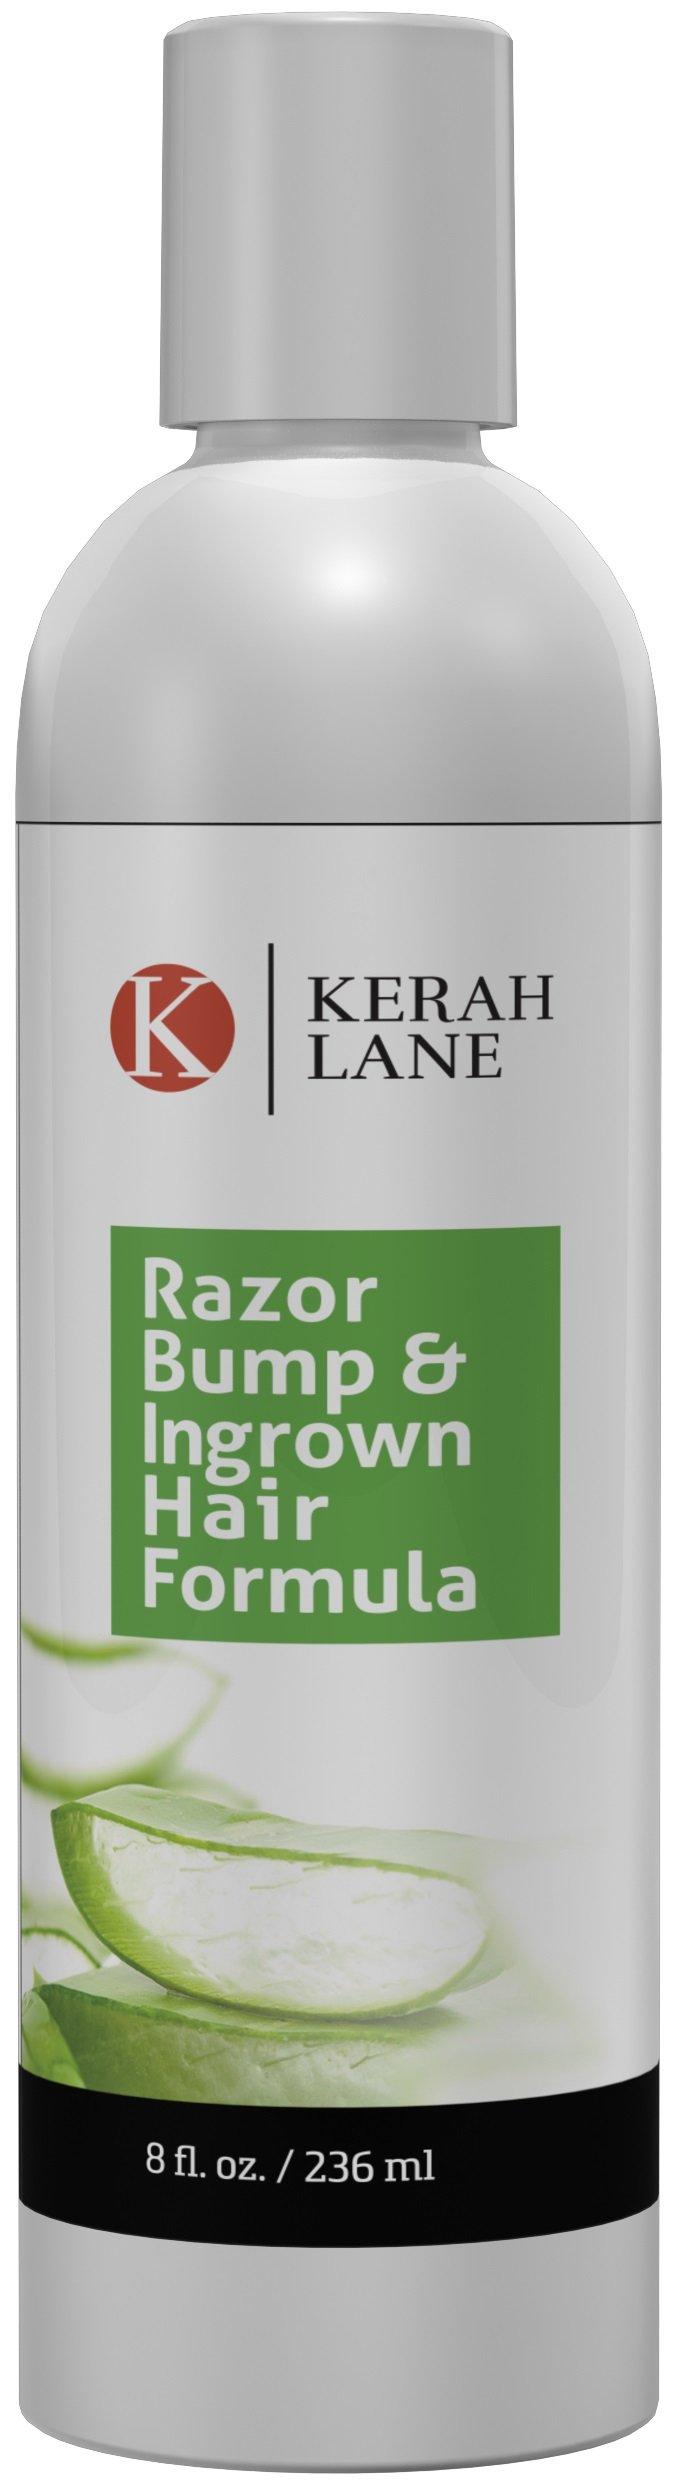 Kerah Lane Razor Bump & Ingrown Hair Natural Formula 8 Oz for Women & Men: Best Serum for Ingrown Hairs, Acne, Razor Bumps, Razor Burn: Use After Shaving, Waxing, Electrolysis & Hair Removal Treatment